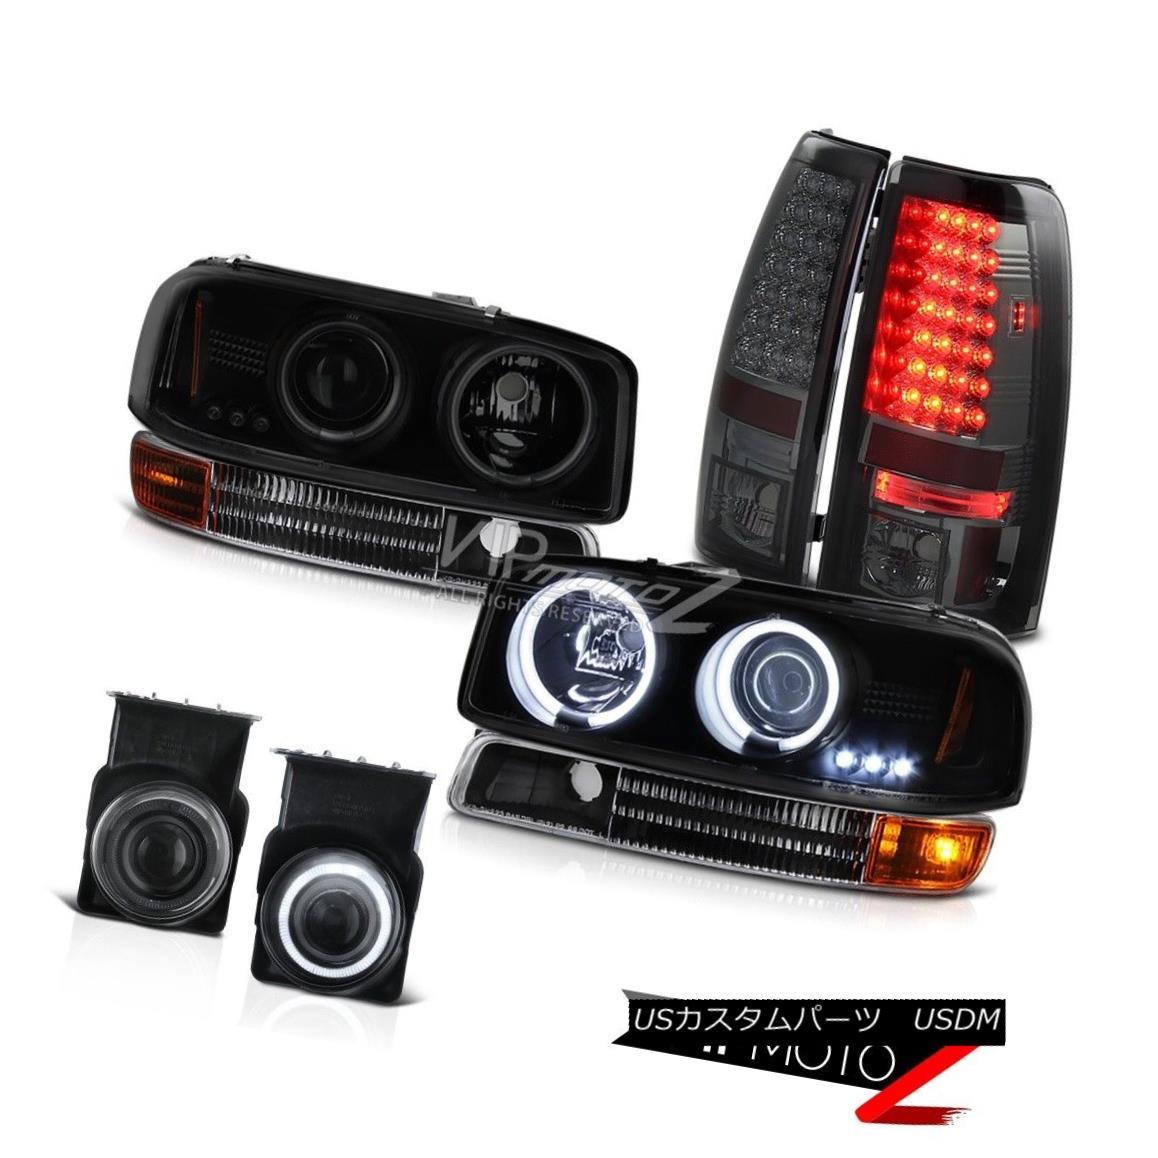 ヘッドライト 2003 Sierra Z71 Headlights CCFL Ring Parking LED Tail Lamps Projector Tinted Fog 2003 Sierra Z71ヘッドライトCCFLリングパーキングLEDテールランププロジェクターティントドフォグ